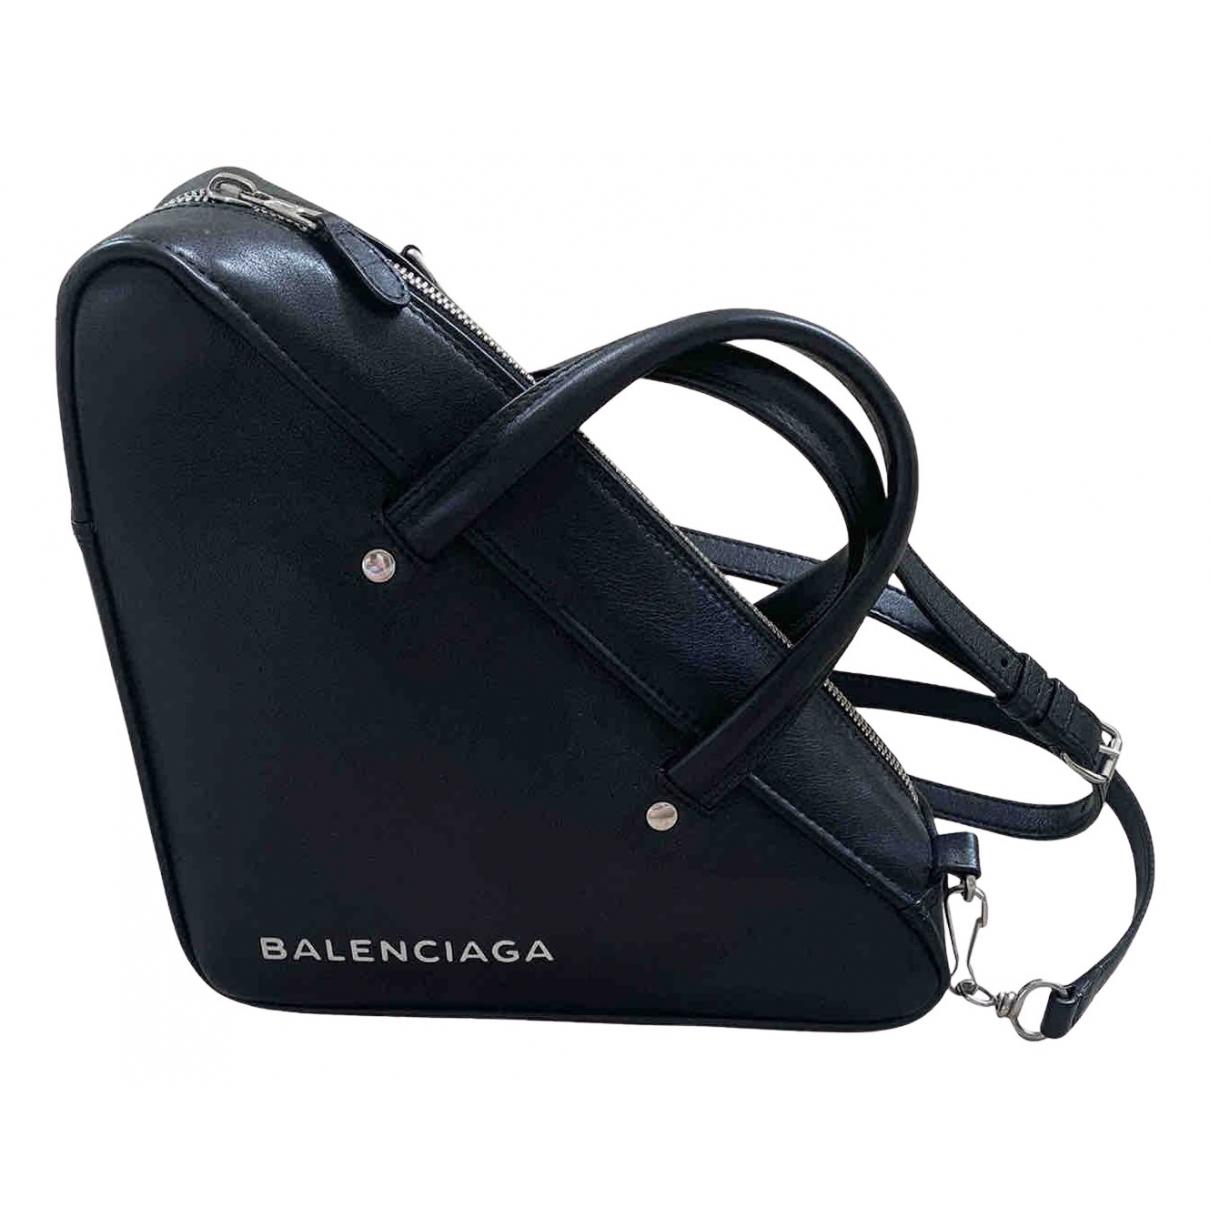 Balenciaga - Sac a main Triangle pour femme en cuir - noir